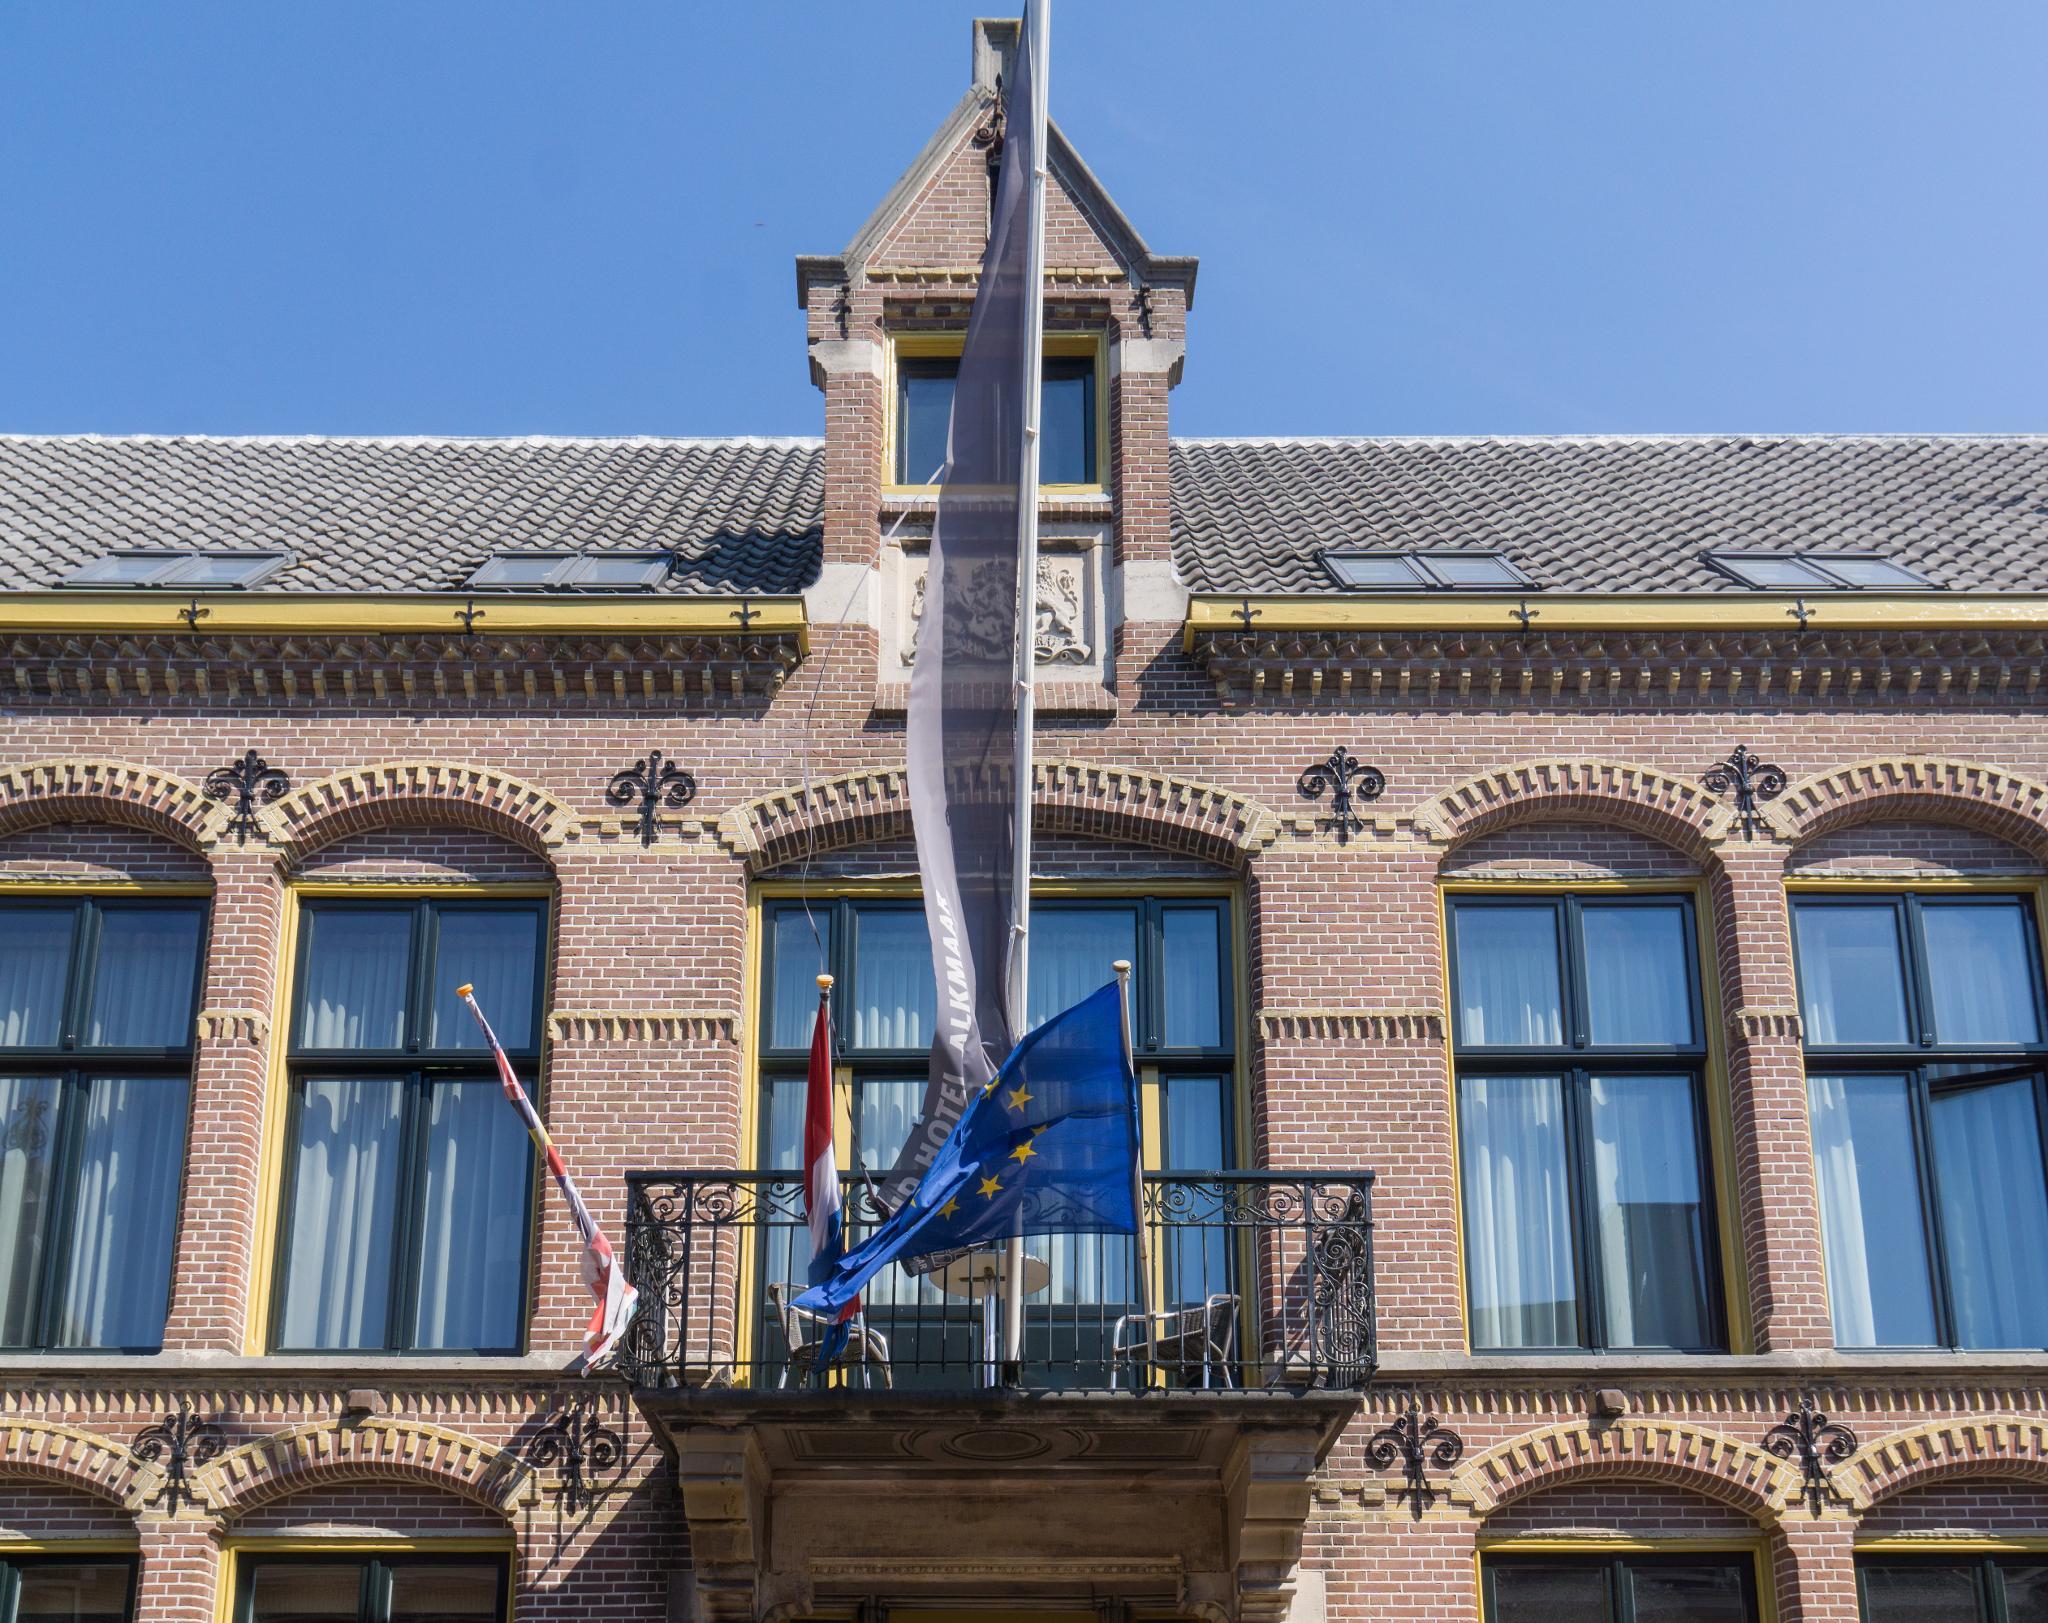 【荷蘭印象】體驗道地的荷式風情 — Alkmaar 起司市集 散步路線整理 36